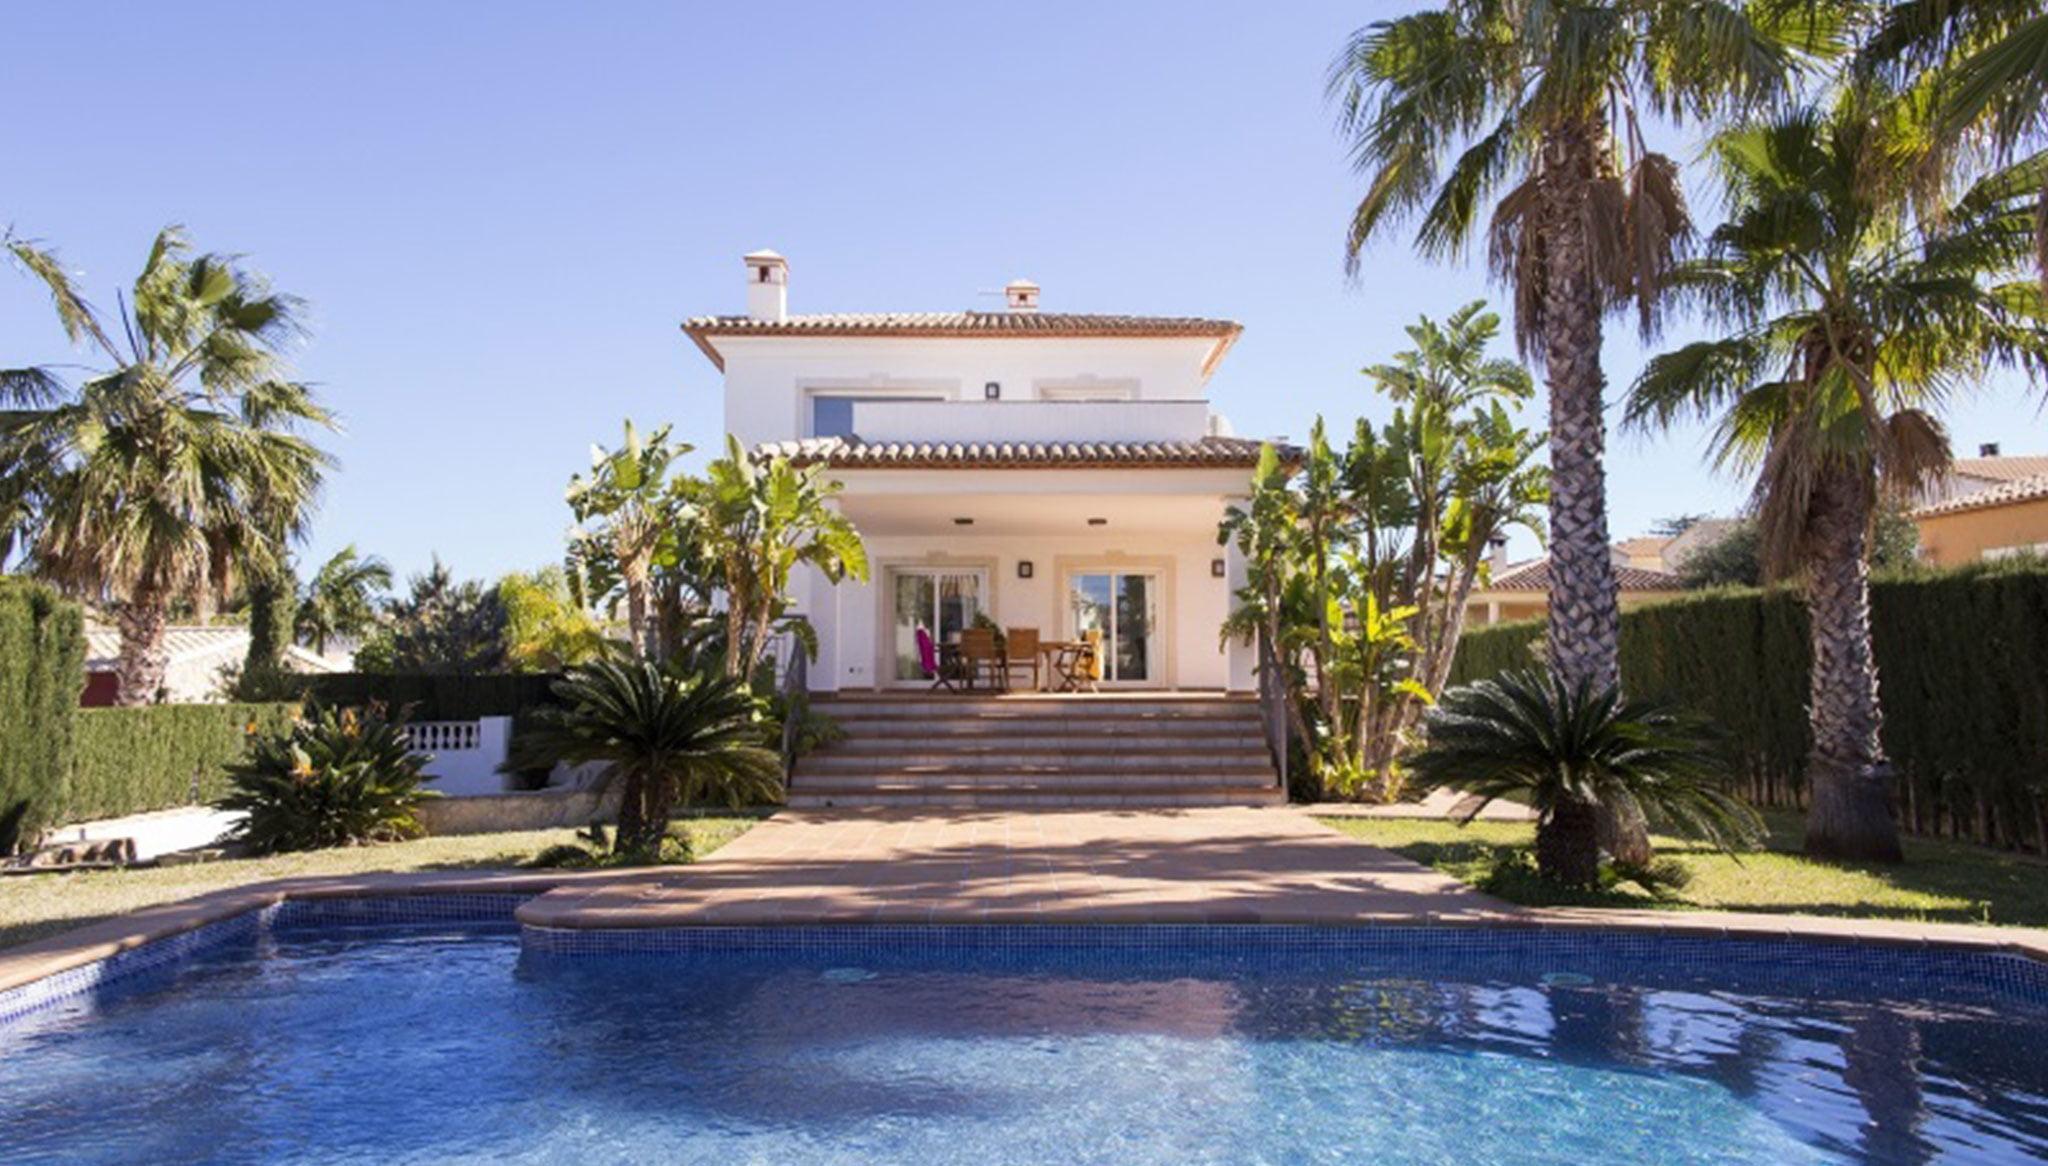 Fachada de un chalet con piscina en alquiler vacacional – Deniasol